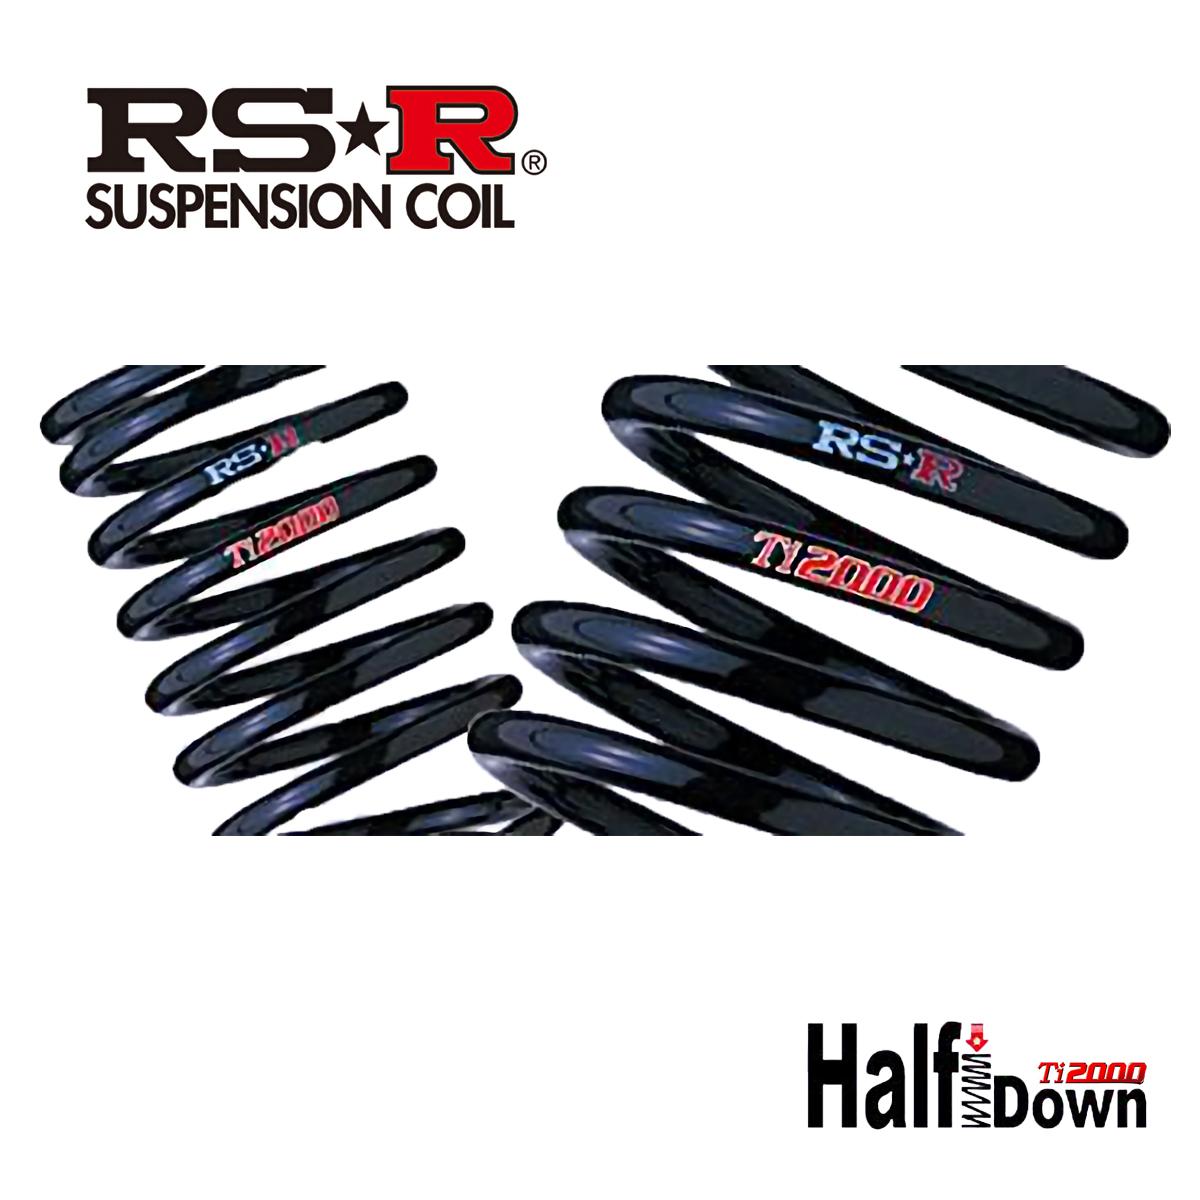 RS-R N BOXスラッシュ G JF2 ダウンサス スプリング 1台分 H406TD Ti2000 ダウン RSR 条件付き送料無料